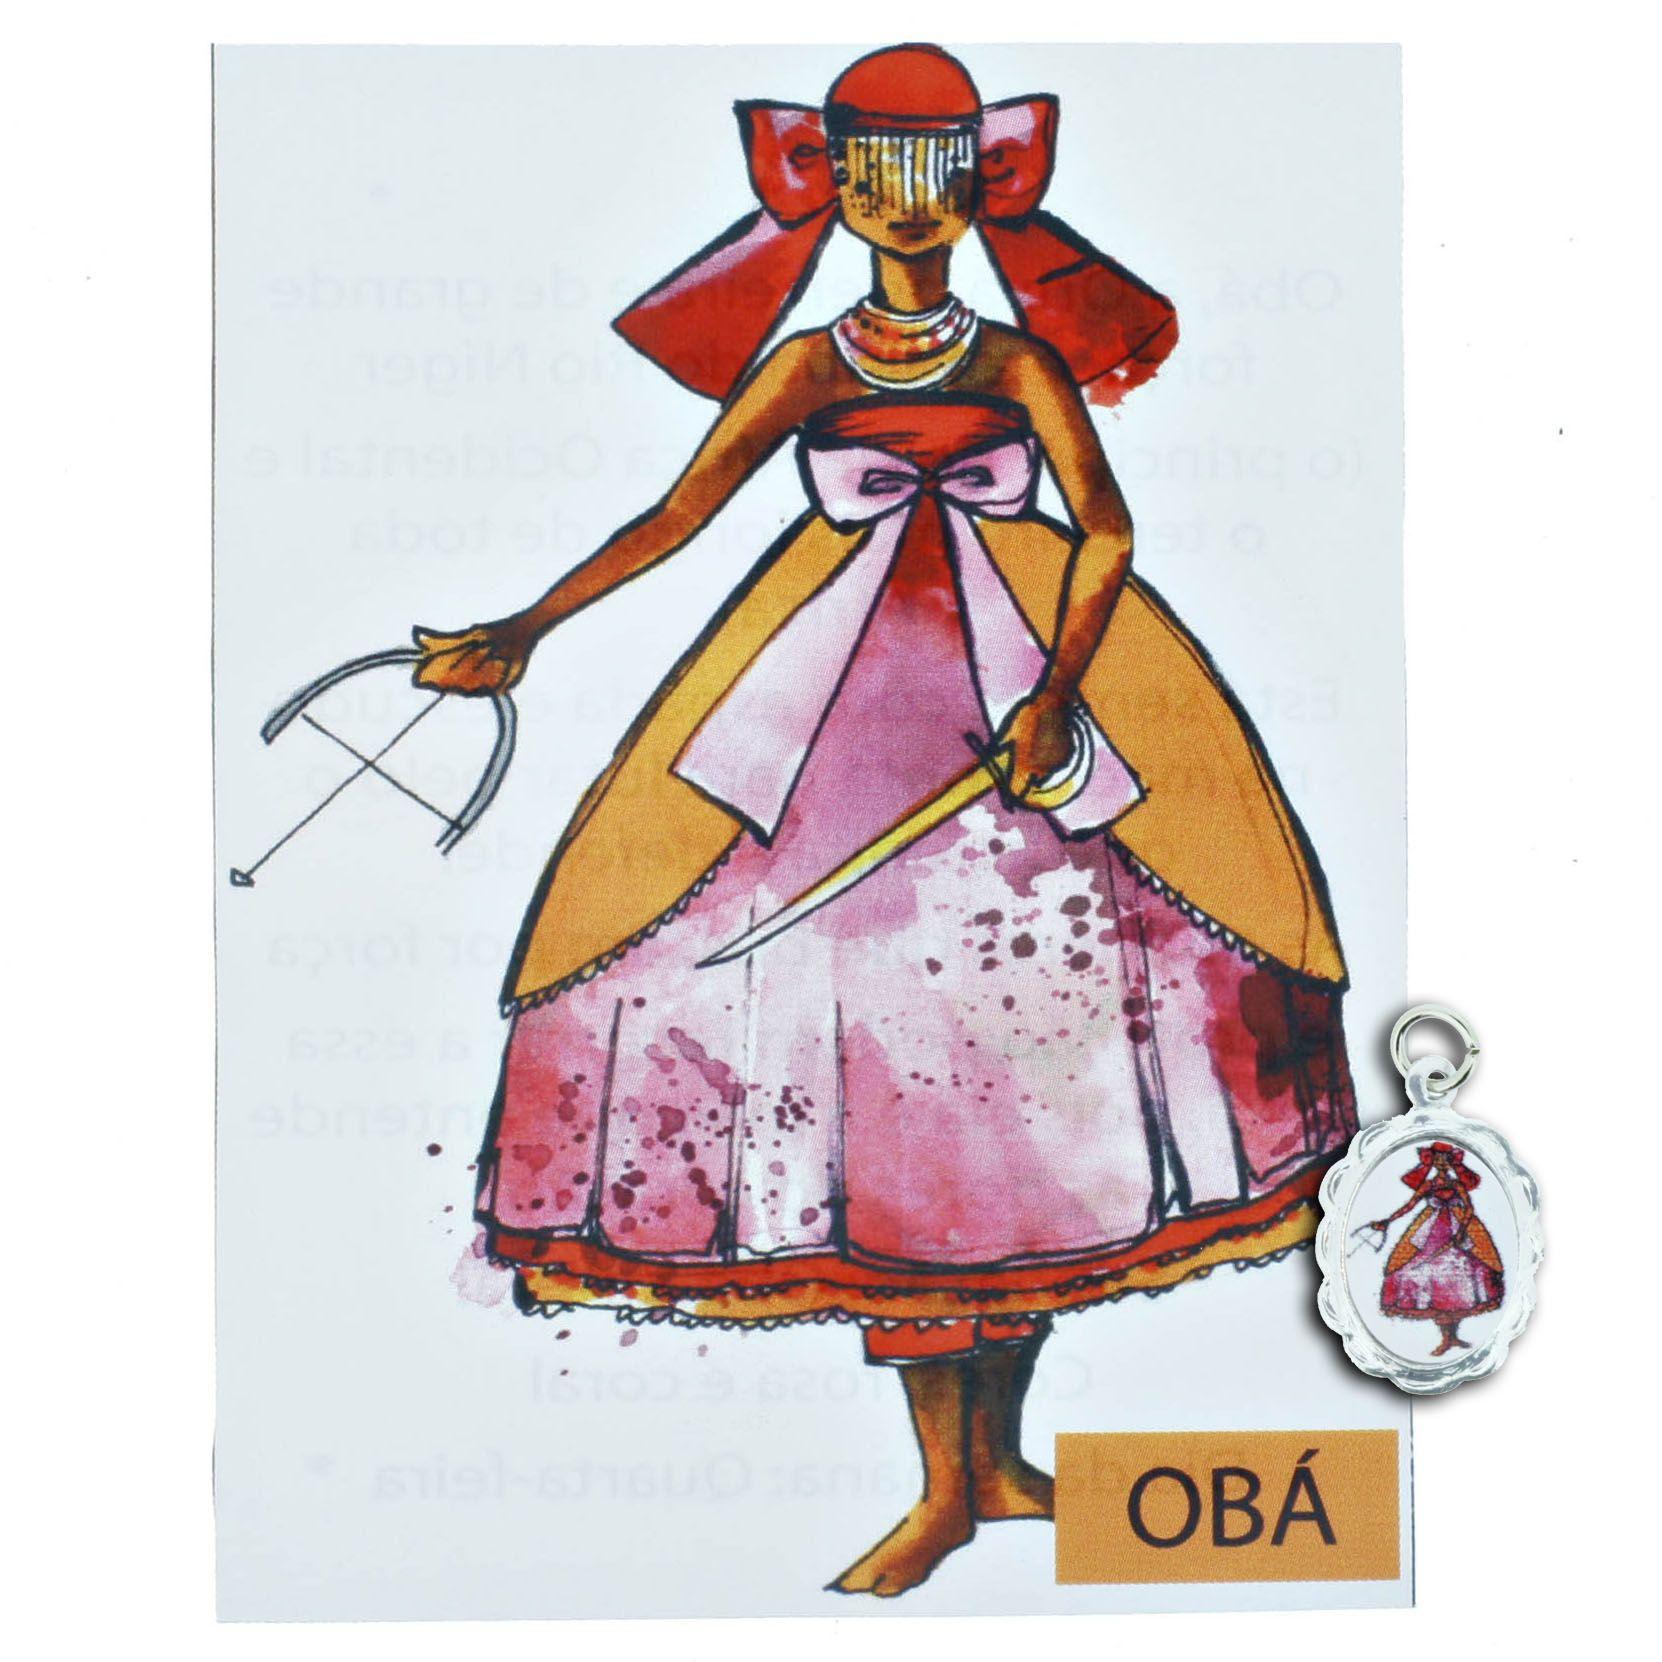 Medalha Obá + Folheto  - Universo Religioso® - Artigos de Umbanda e Candomblé